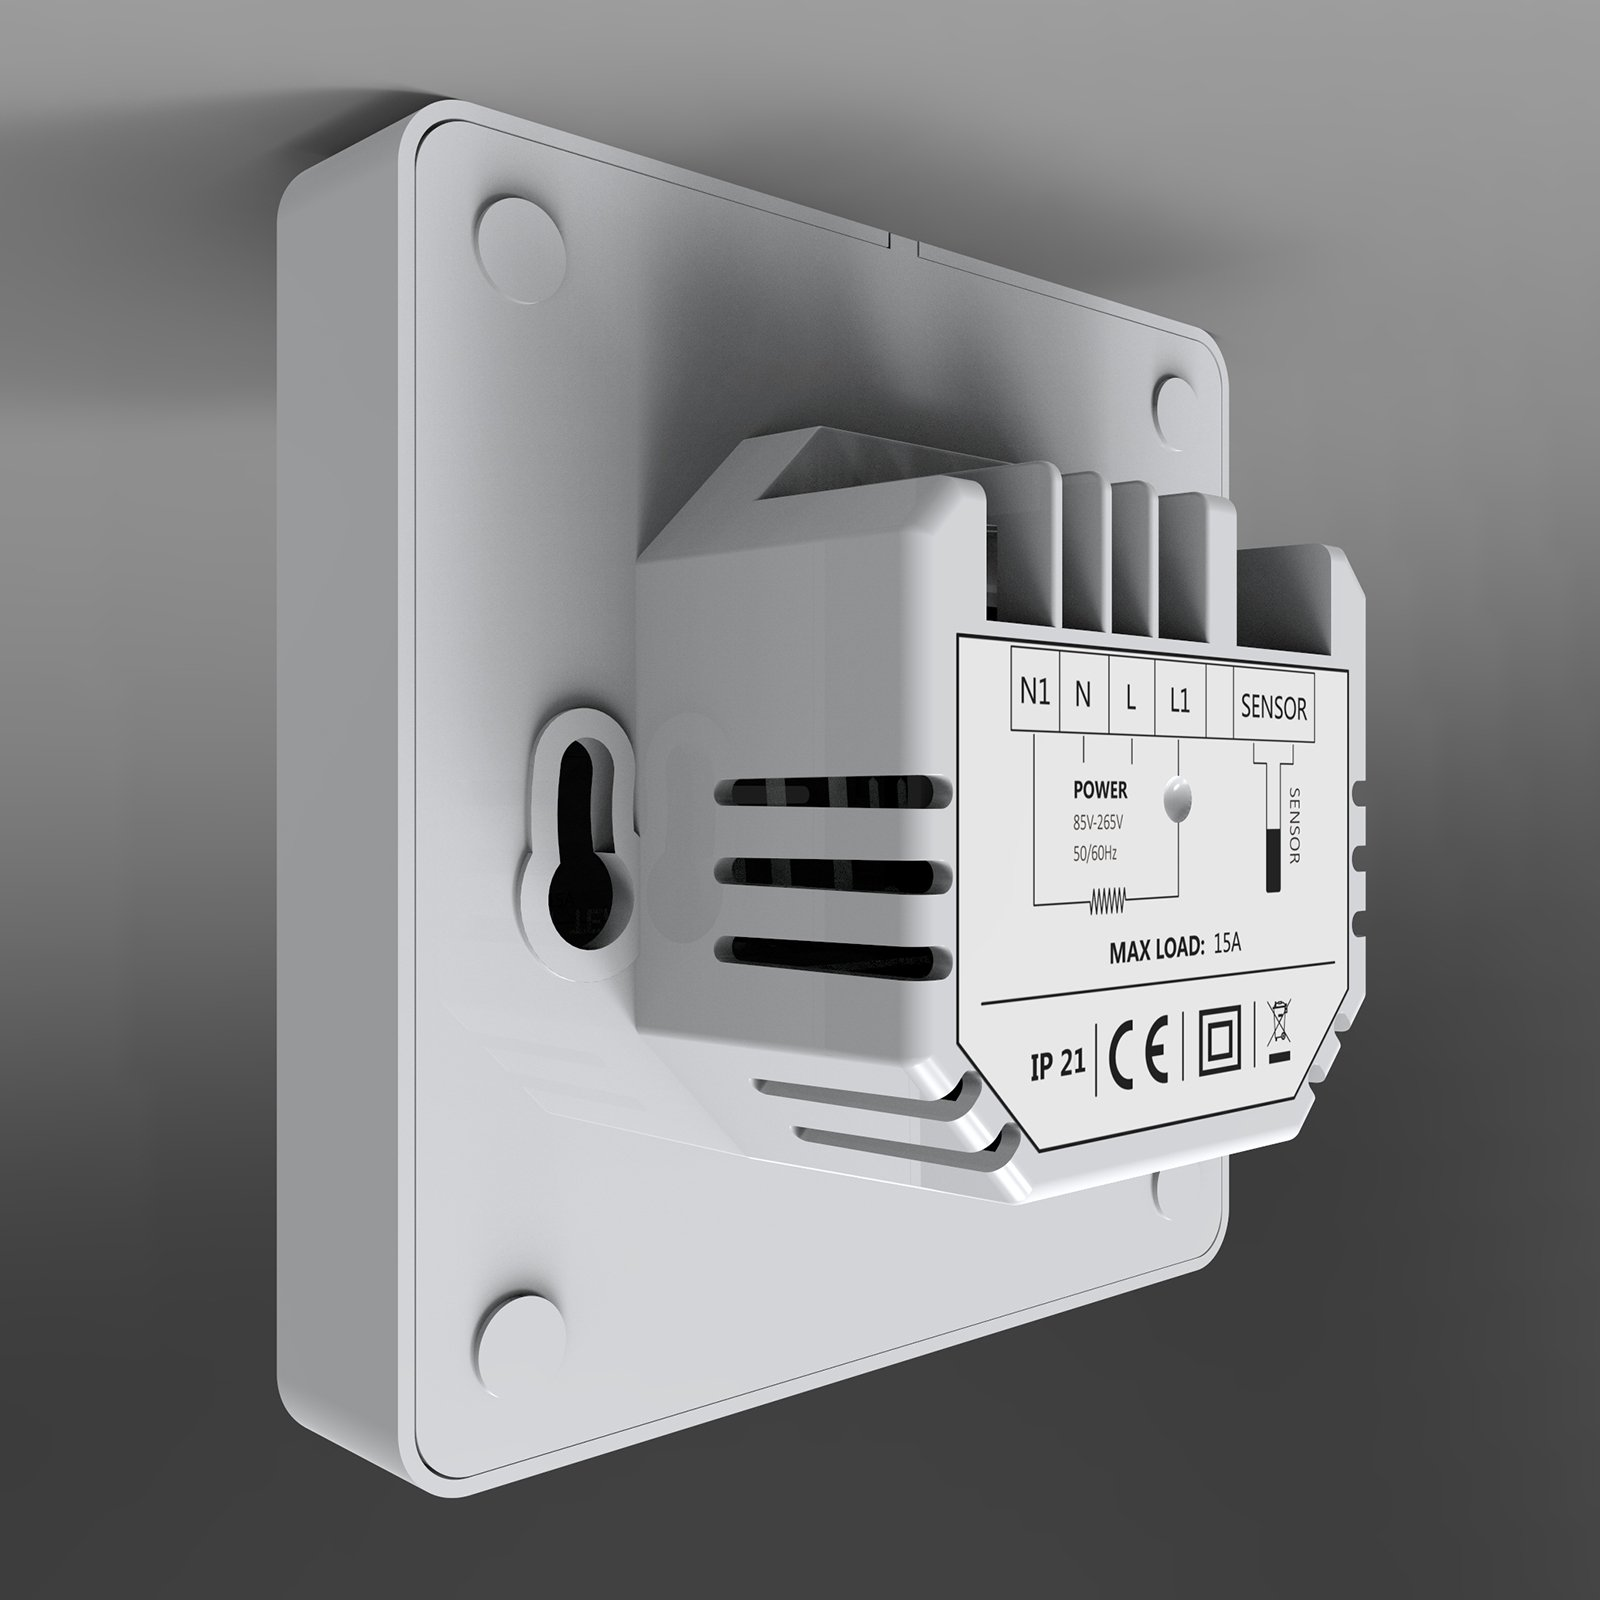 Raumthermostat ET81W für elektr. Fußbodenheizung mit TWIN-Technologie - Steuerung über Smartphone - Farbe wählbar zoom thumbnail 4